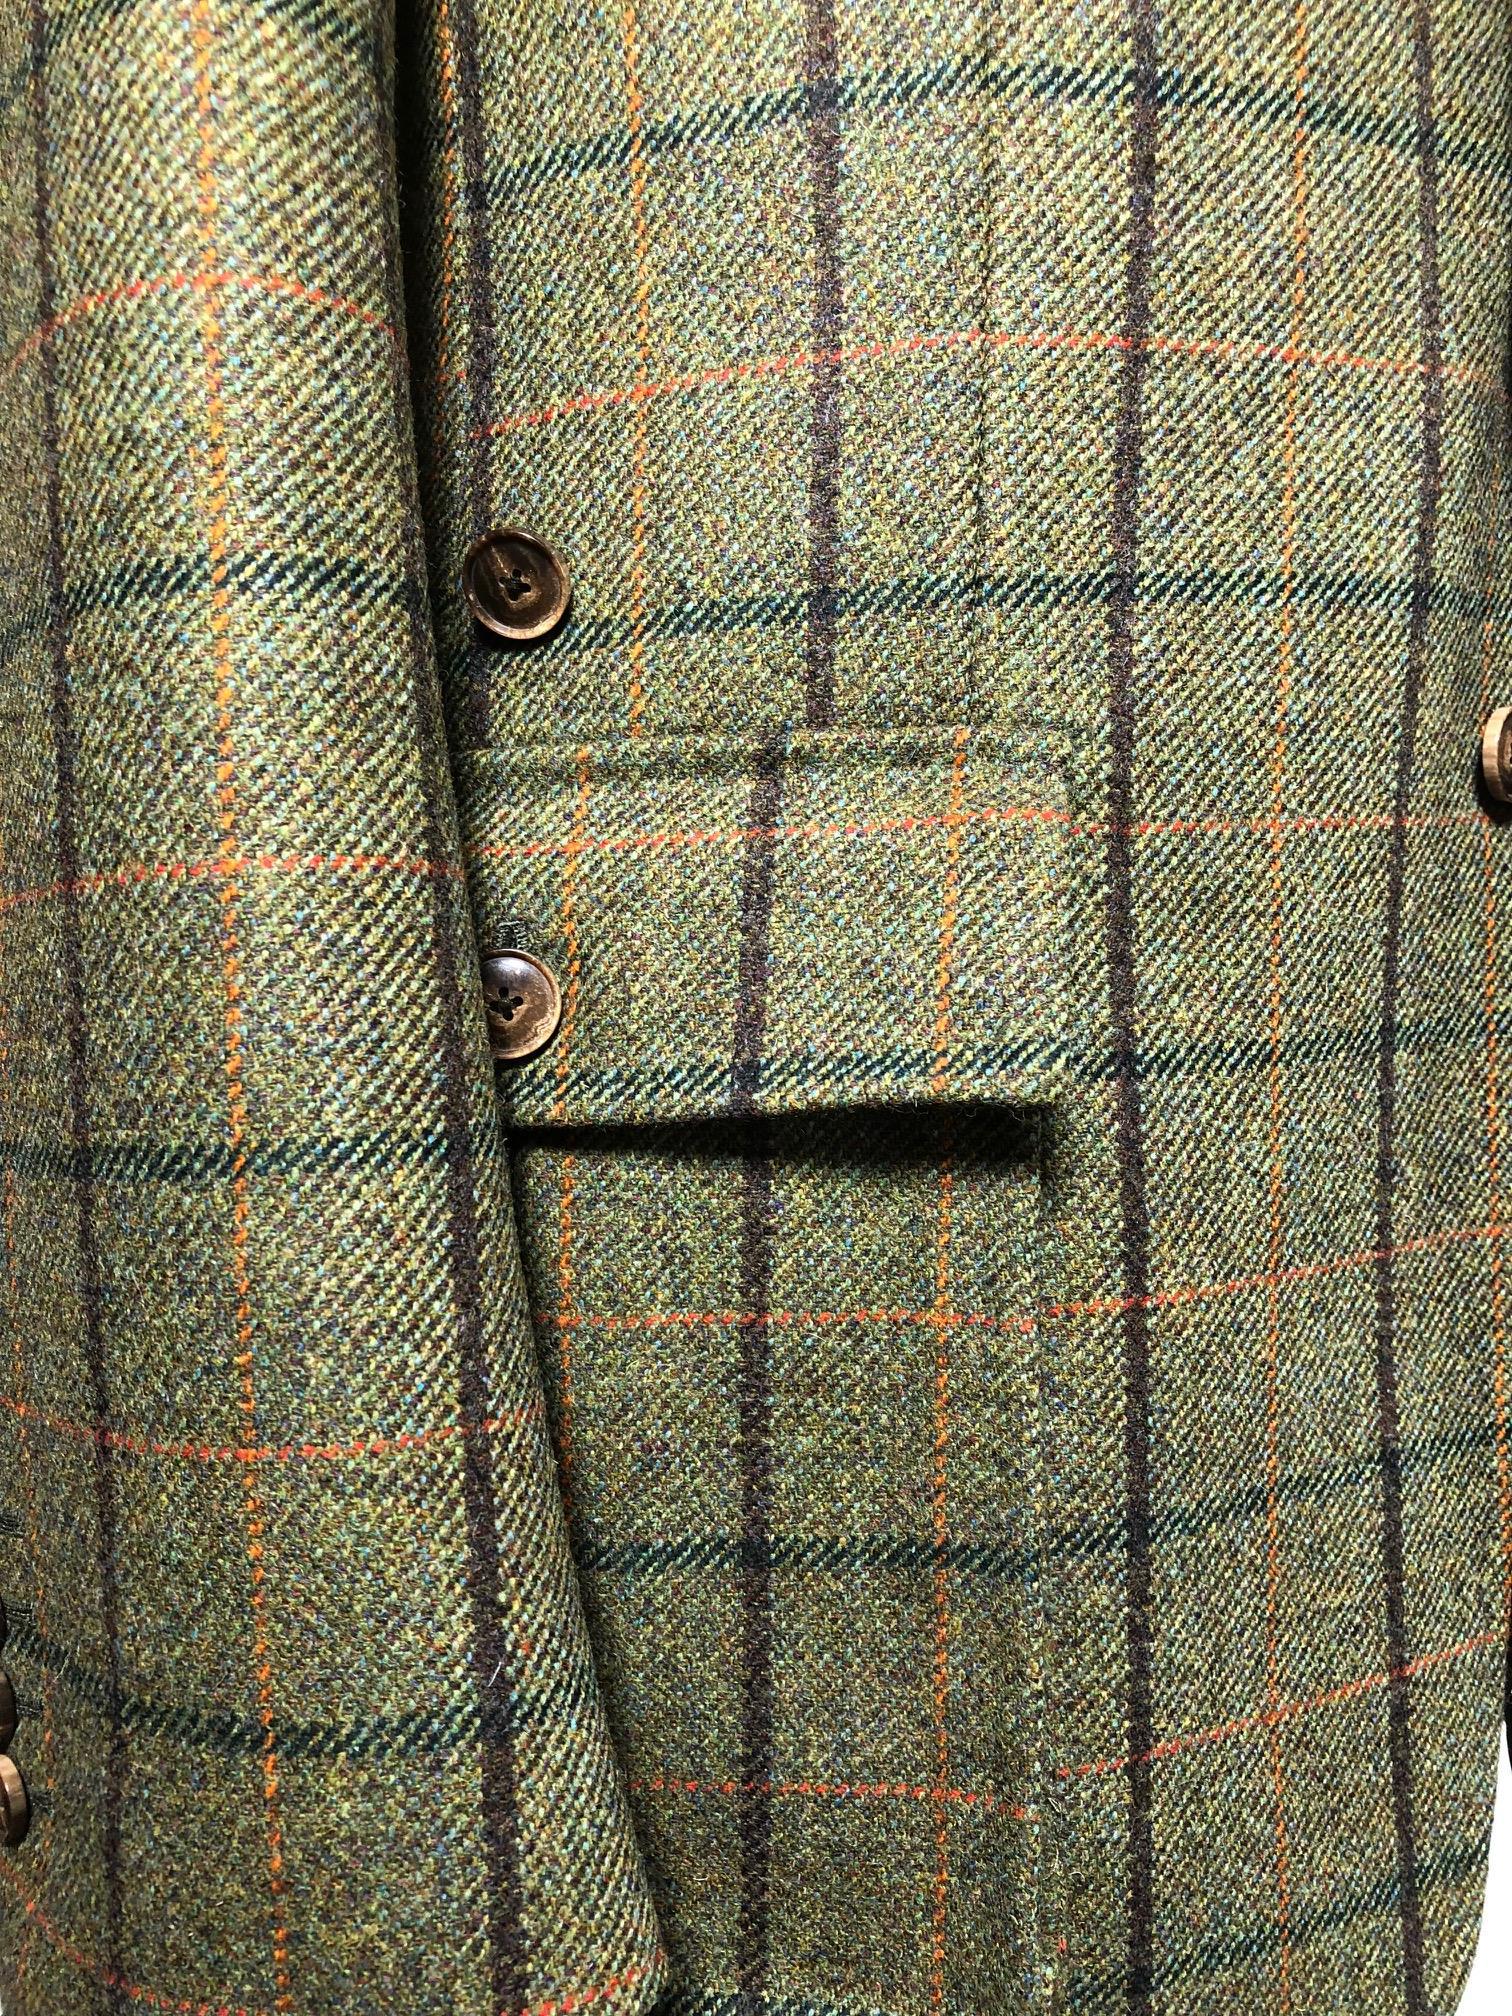 tweed pocket.jpg